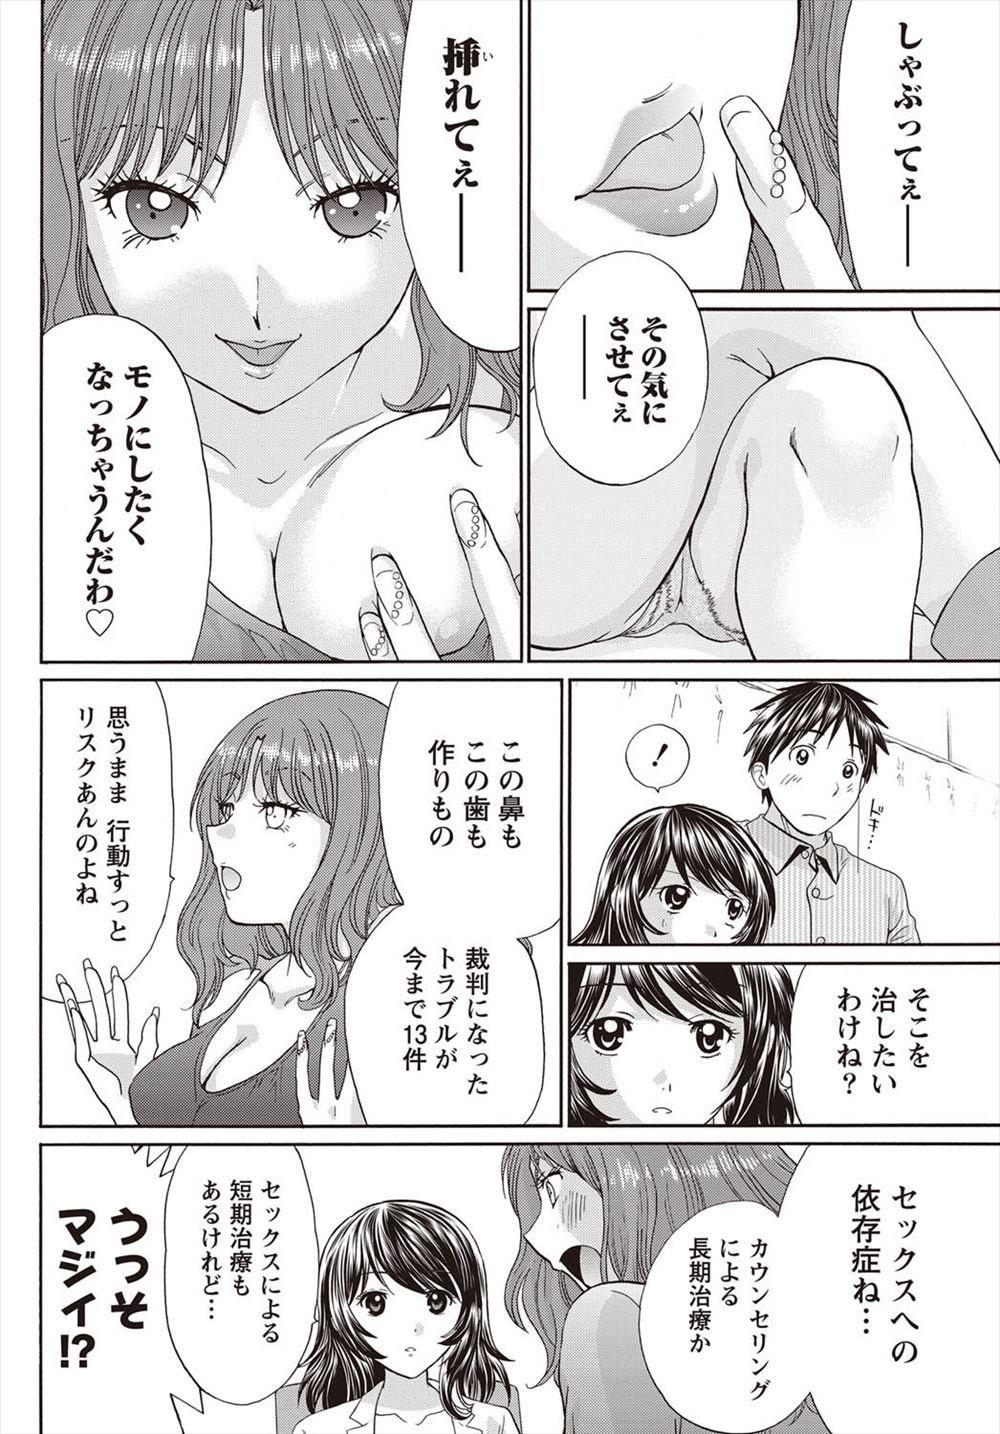 【エロ漫画同人誌】クリニックに来たセックス依存症女を治す、ってことで3Pセックスで問題解決する恋華さんwwww 006